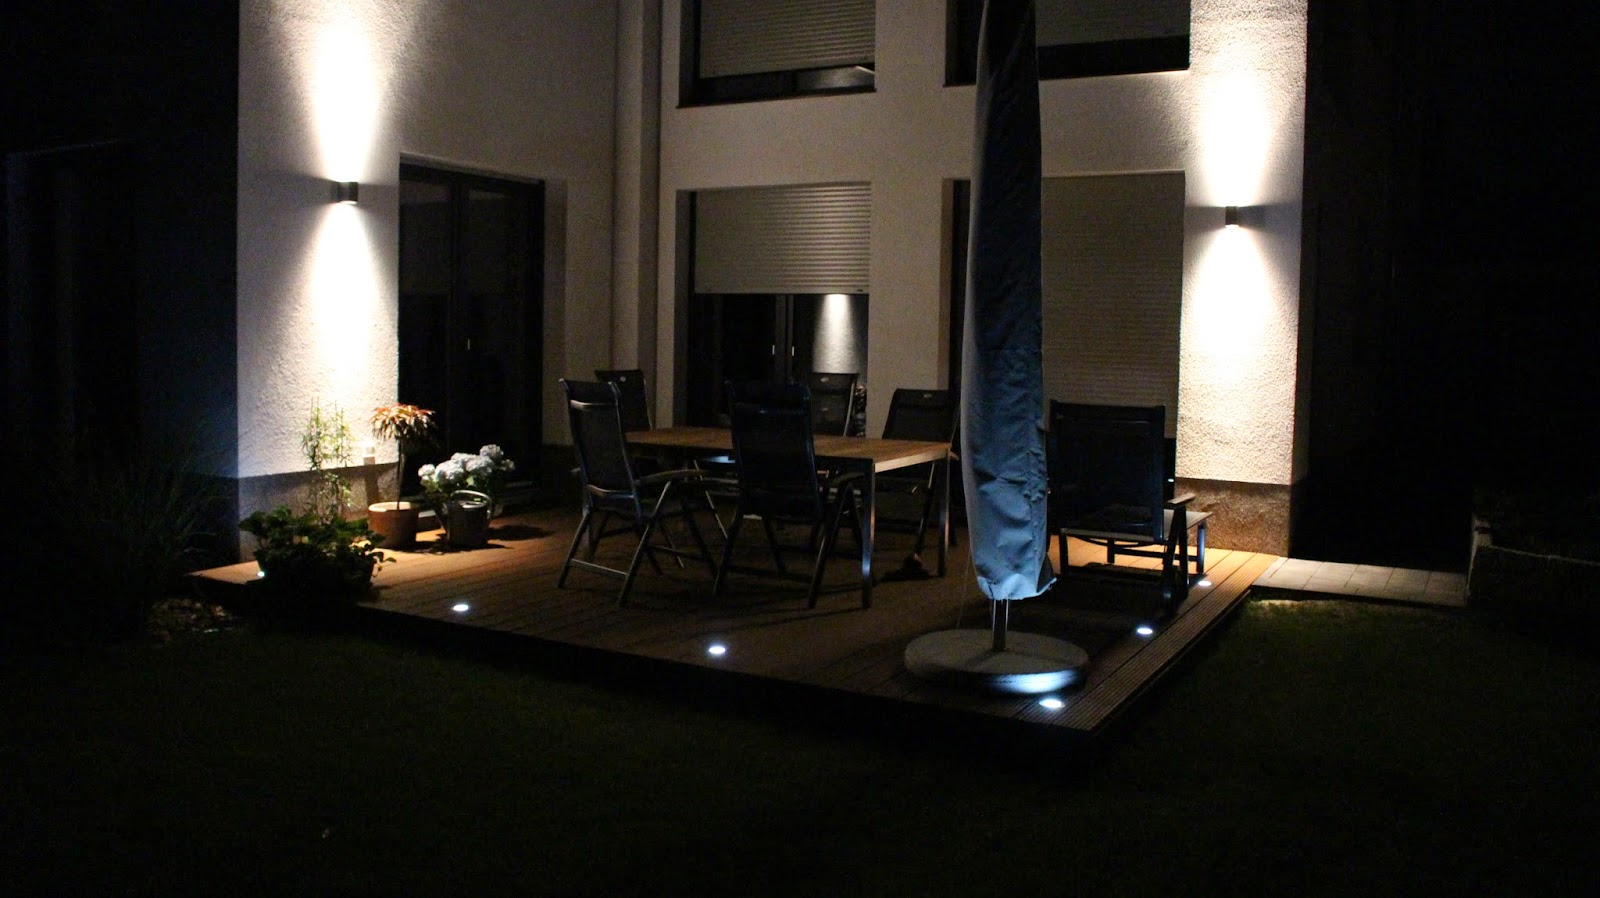 Terrassen Beleuchtung baubericht dachstrift terrassenbeleuchtung bei nacht